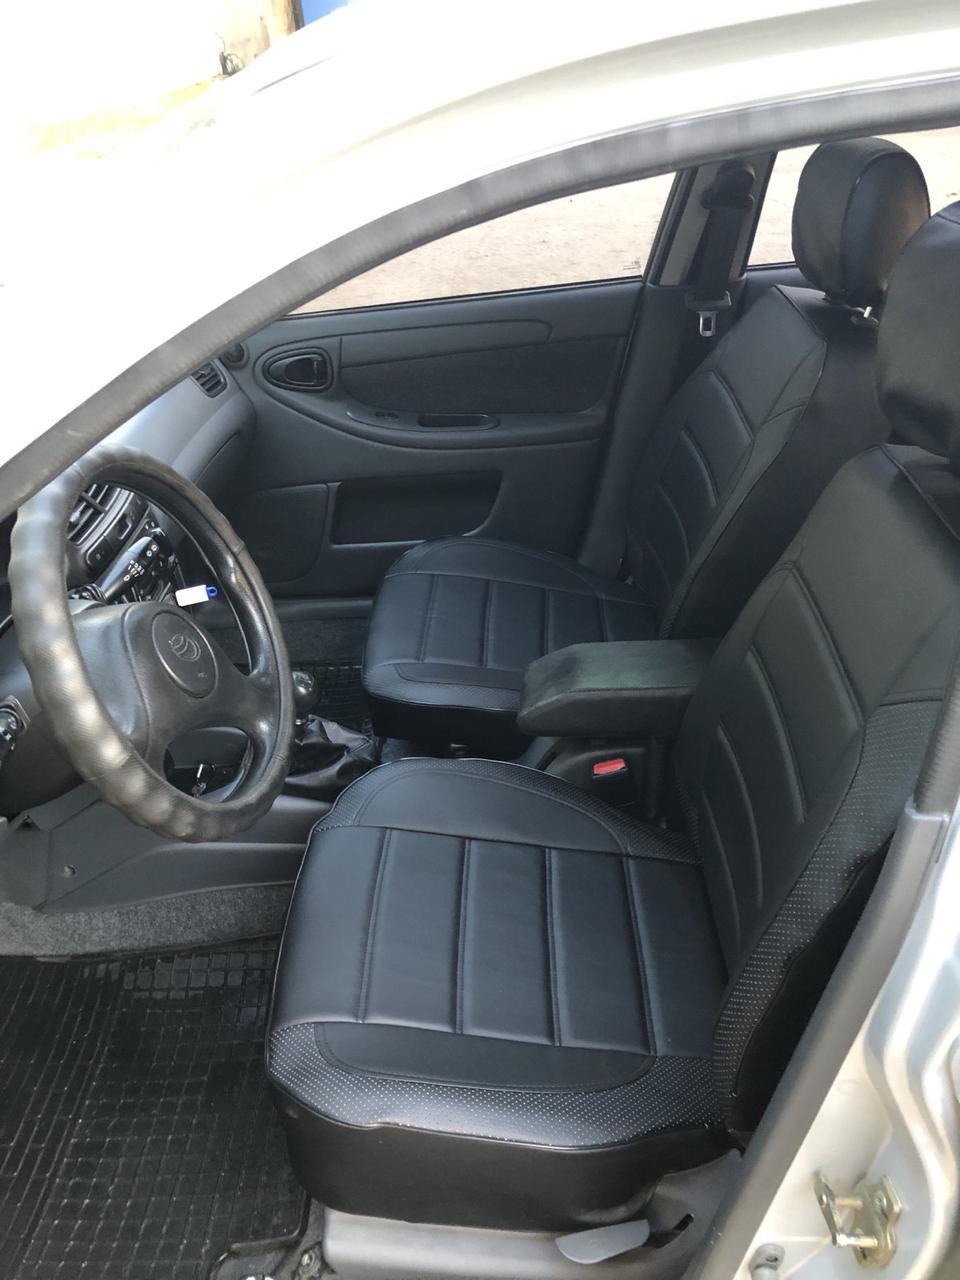 Чохли на сидіння Сітроен Берлінго (Citroen Berlingo) модельні MAX-L з екошкіри Чорний Чорно-білий